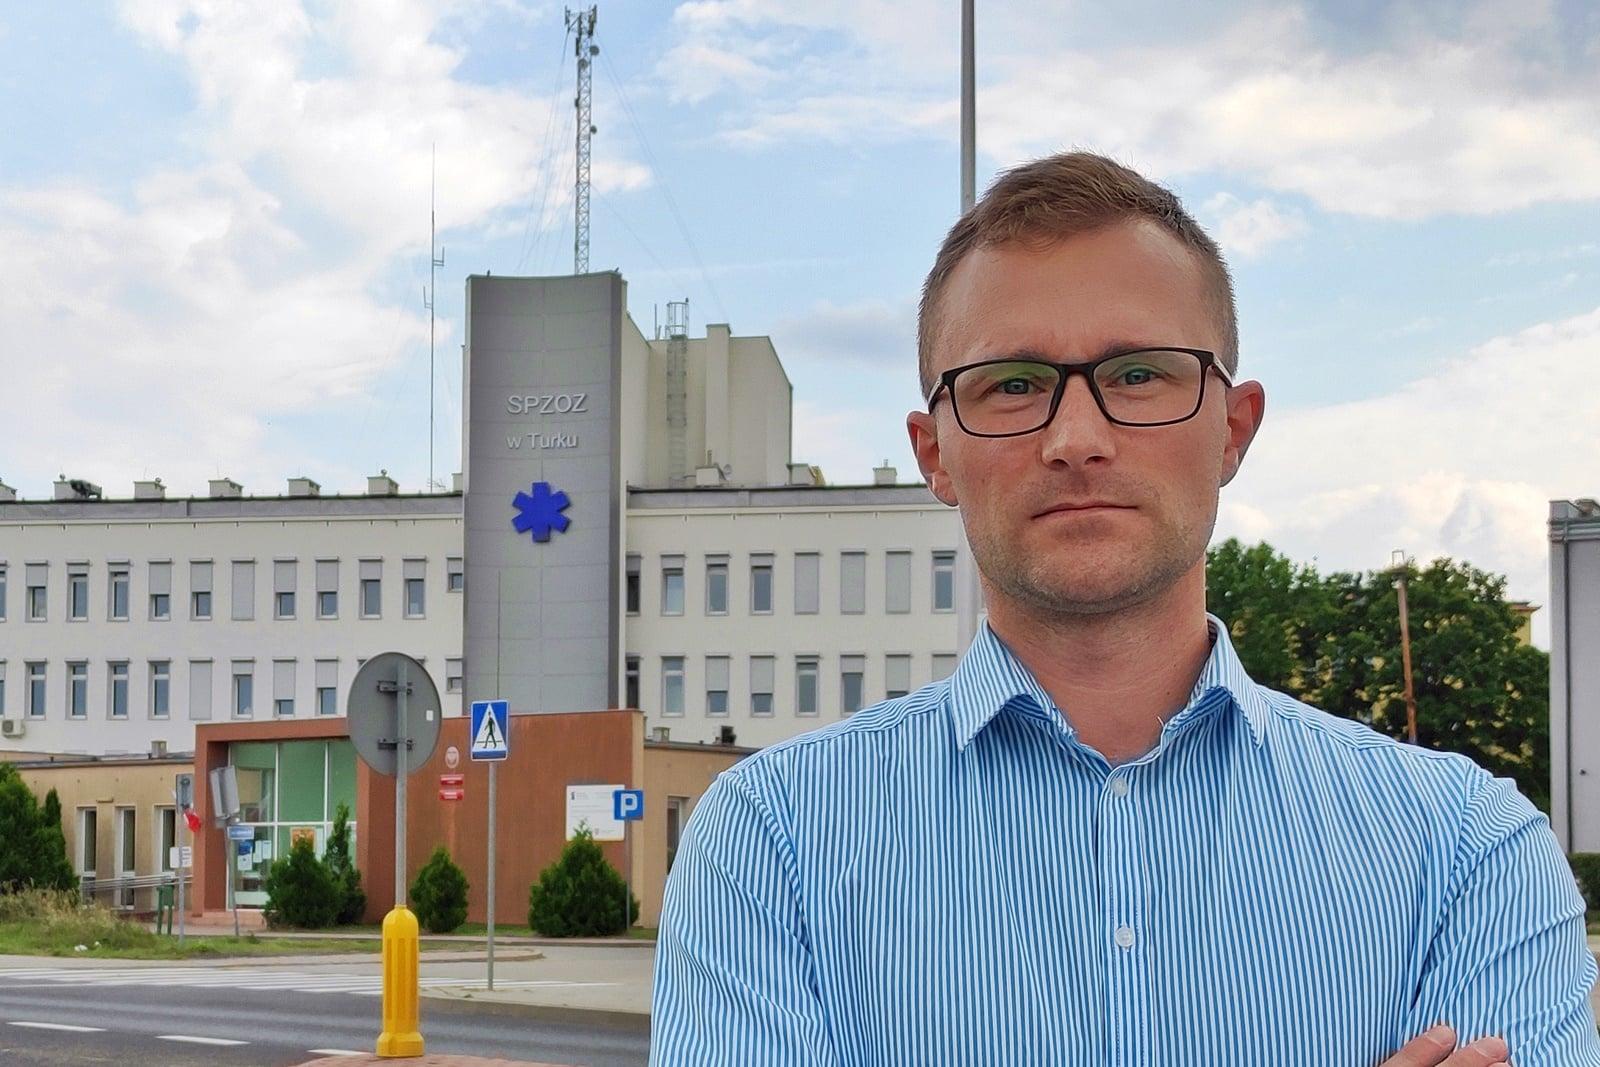 Kryzys w szpitalu. Czas wyciągnąć konsekwencje